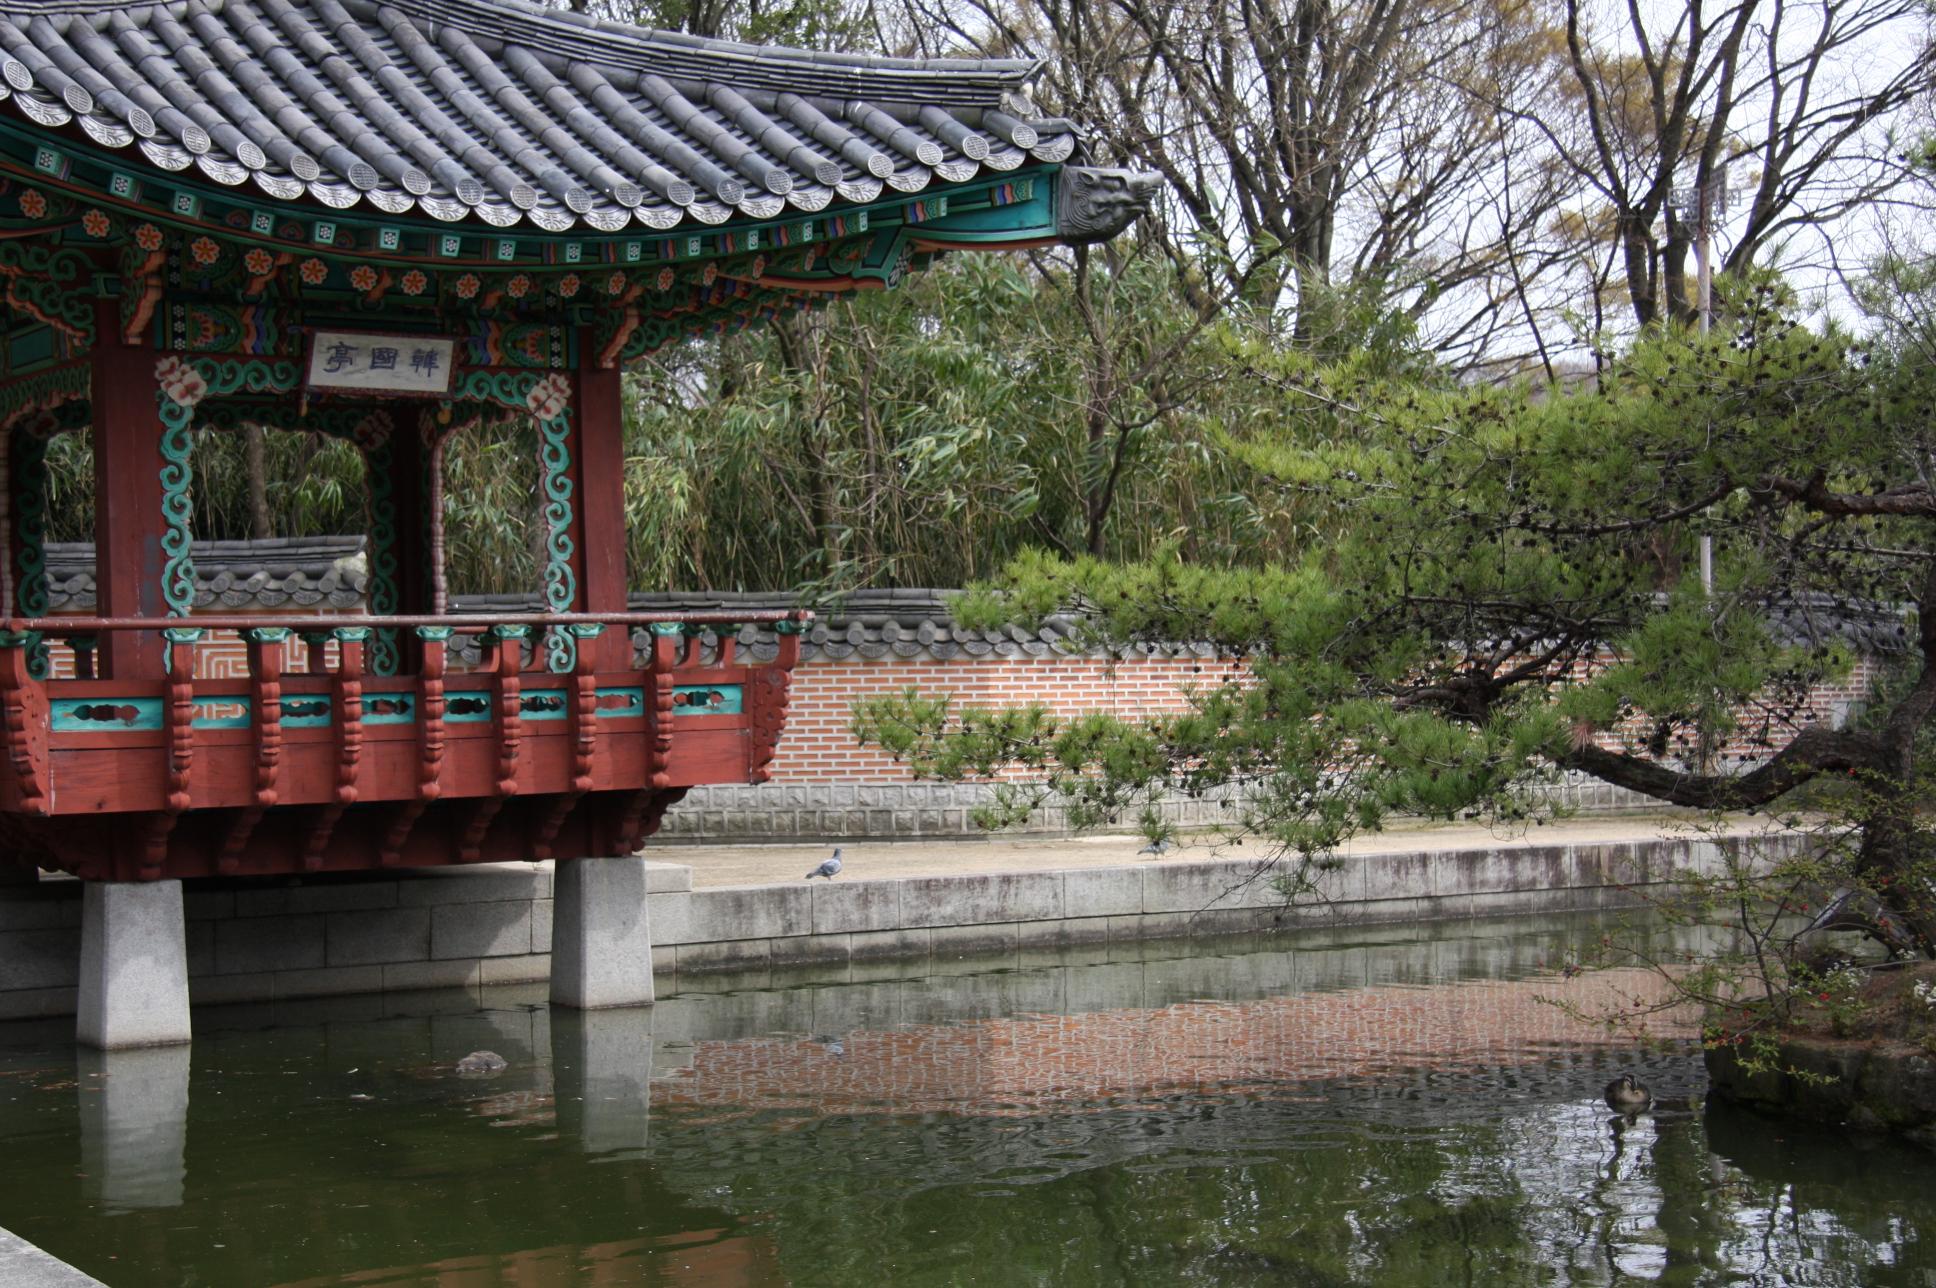 地址:大阪市鹤见区绿地公园2-163